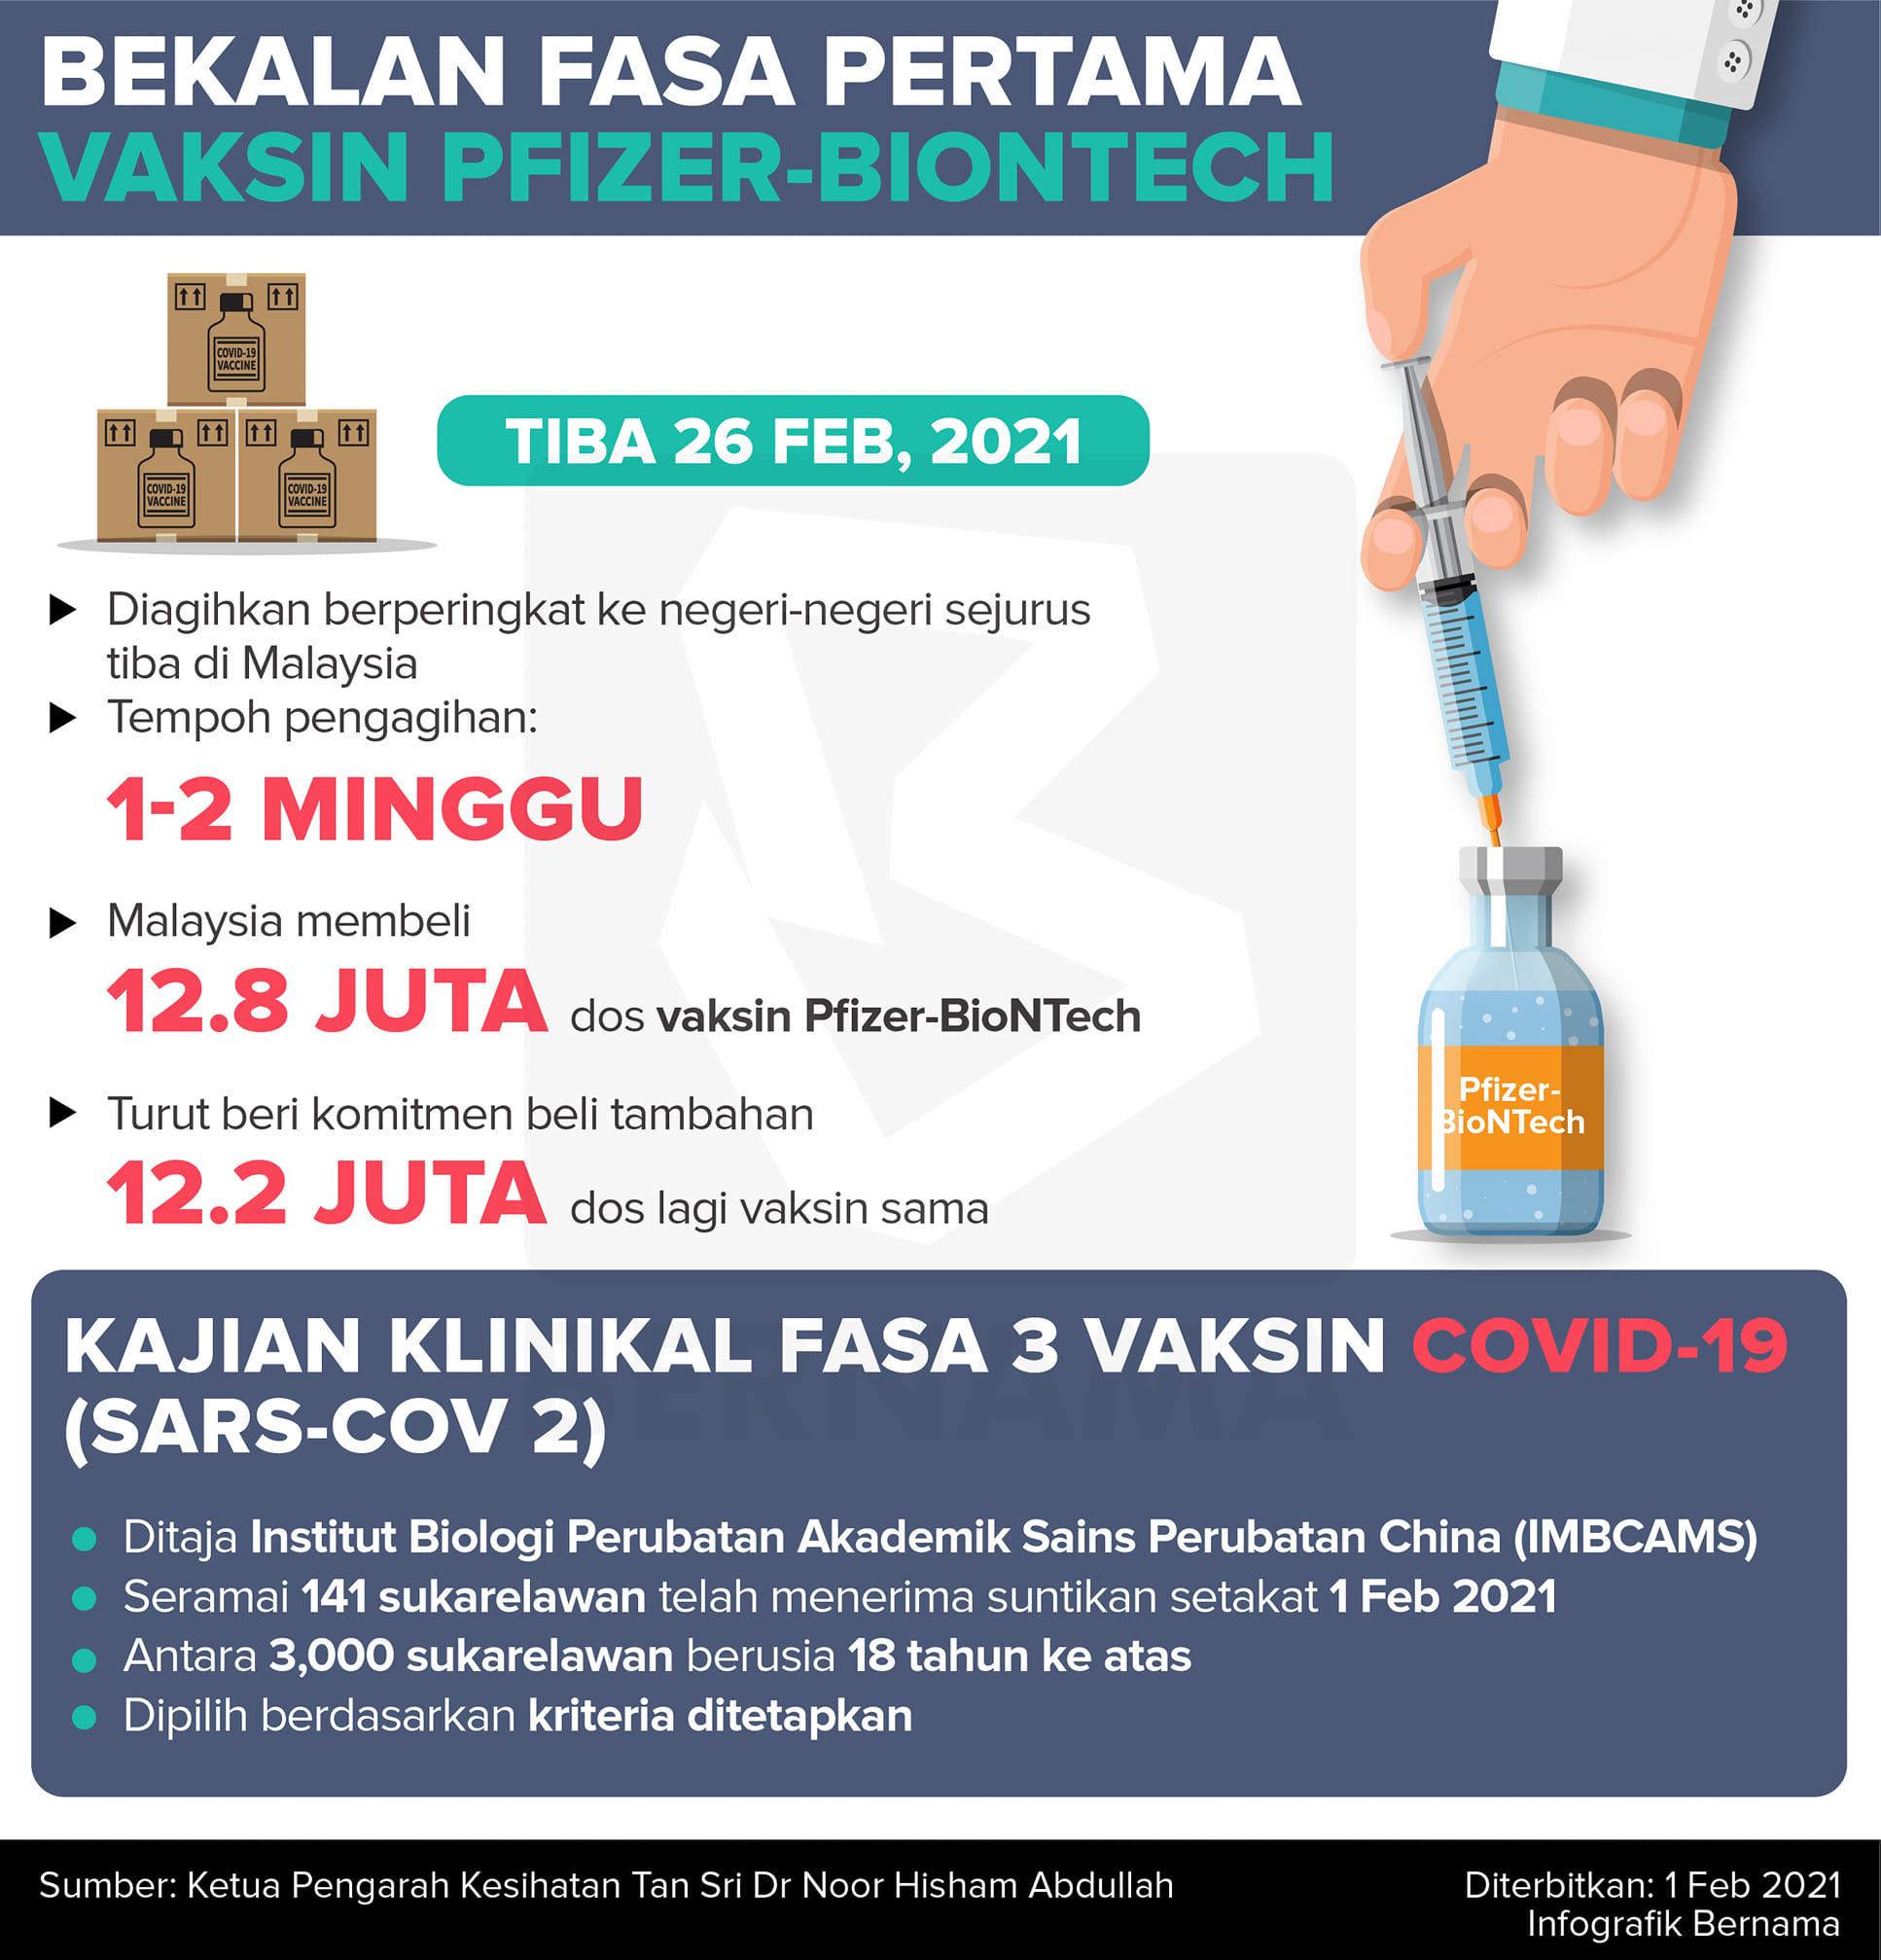 Tiga Fasa Program Imunisasi Vaksin COVID-19 Kebangsaan (Mac 2021 - Februari 2022)